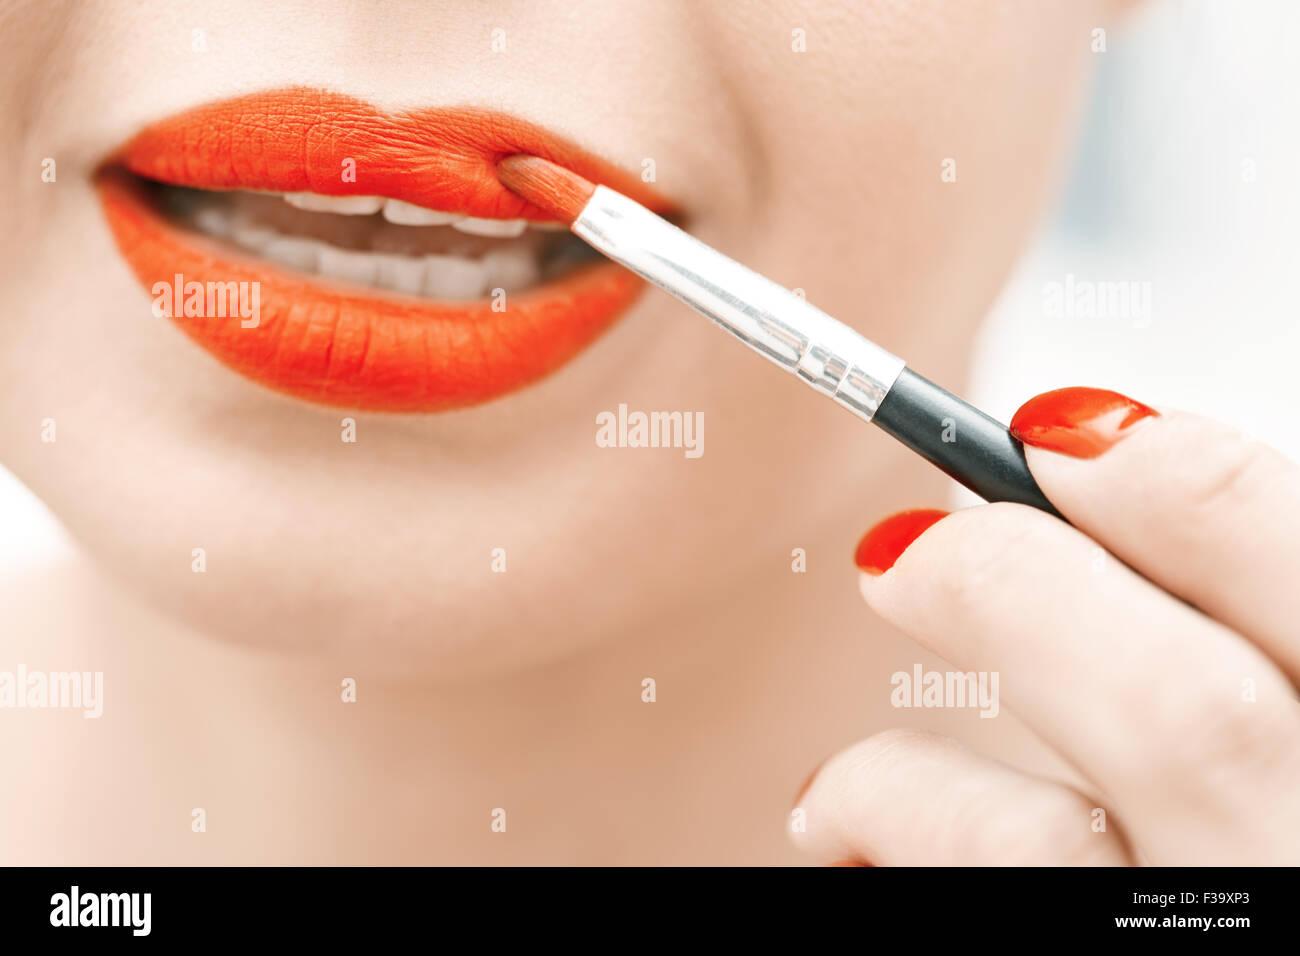 Frau roten Lippenstift. Nahaufnahme auf Gesicht Stockbild